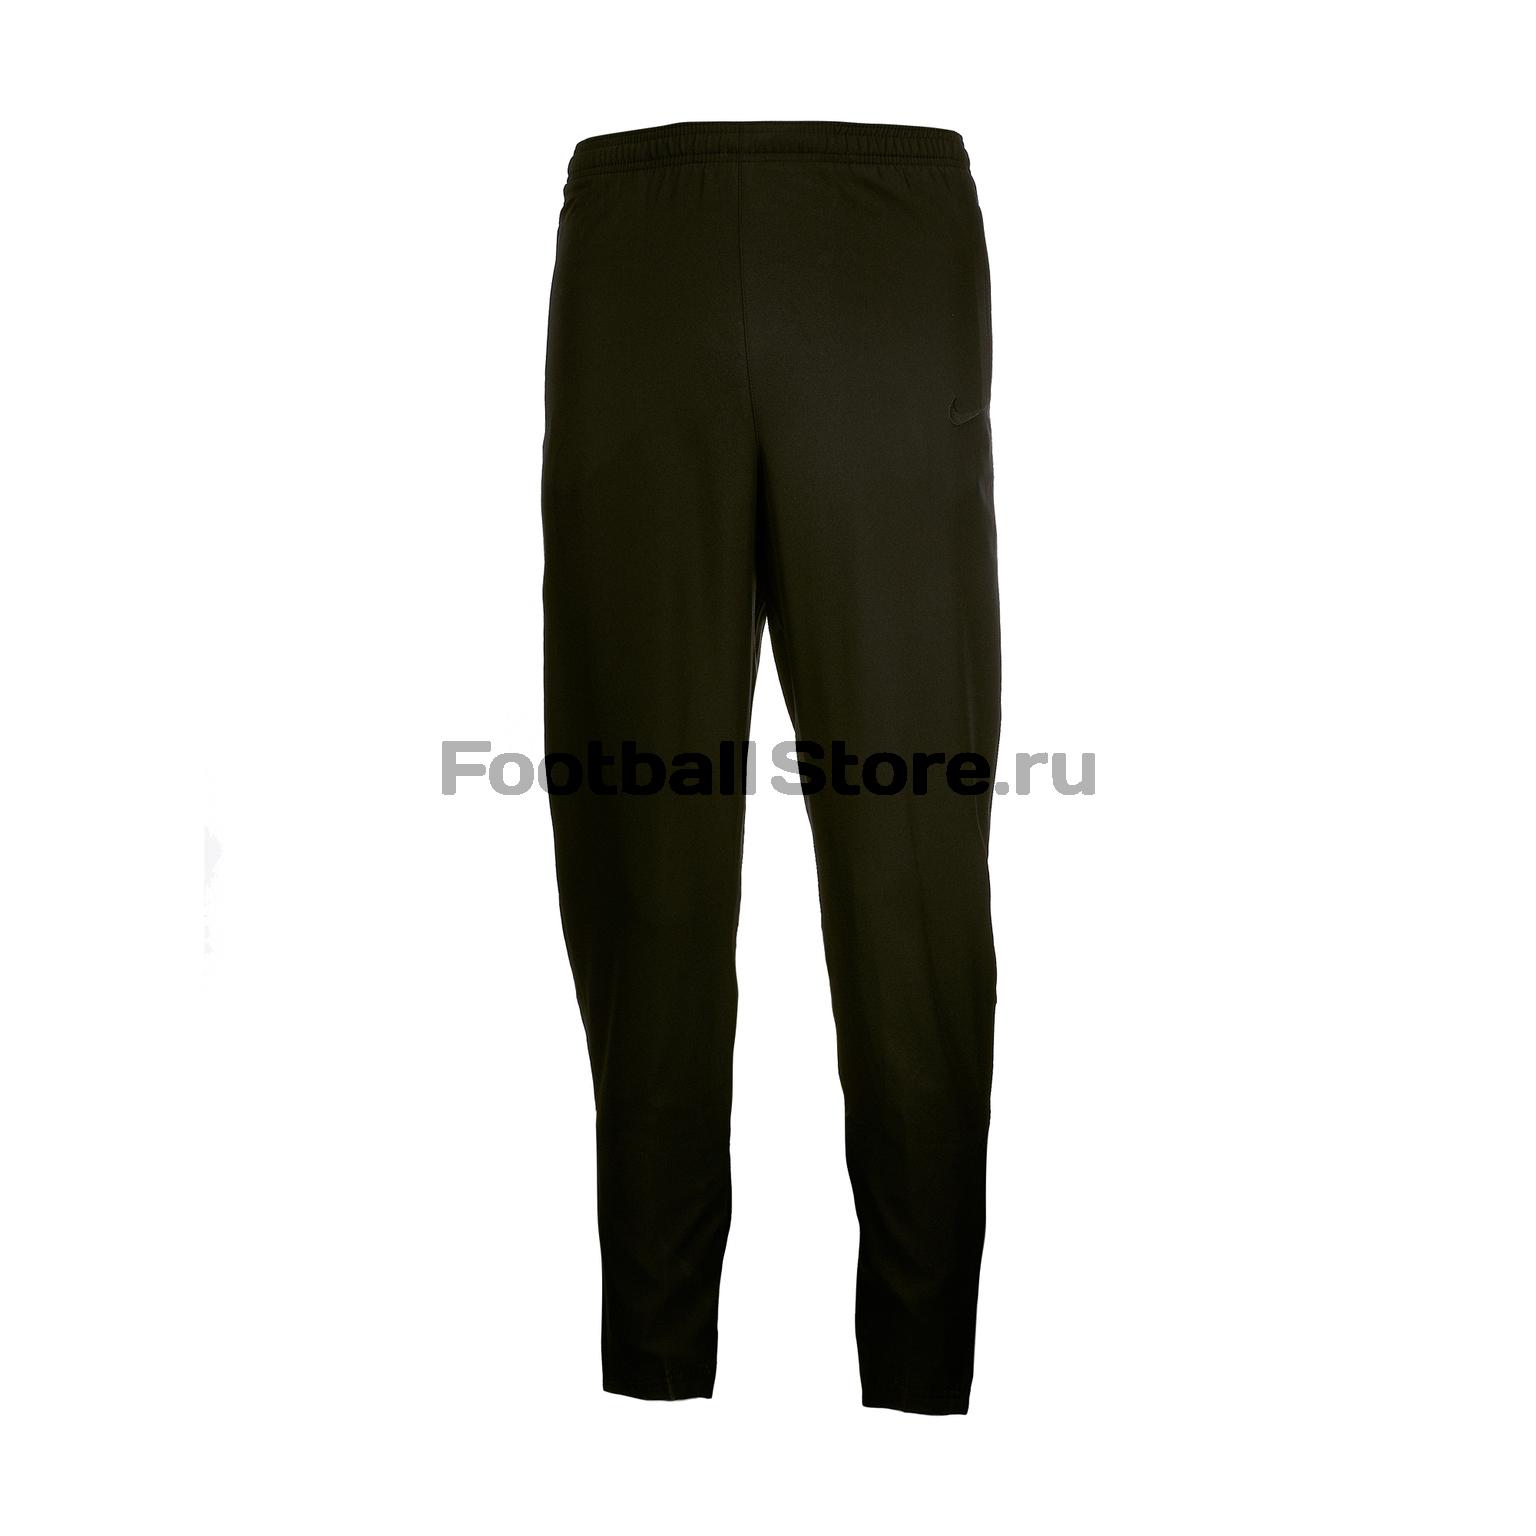 Брюки подростковые Nike Dry Academy Pant AR7993-010 nike nike found 12 poly pant boys 476747 010